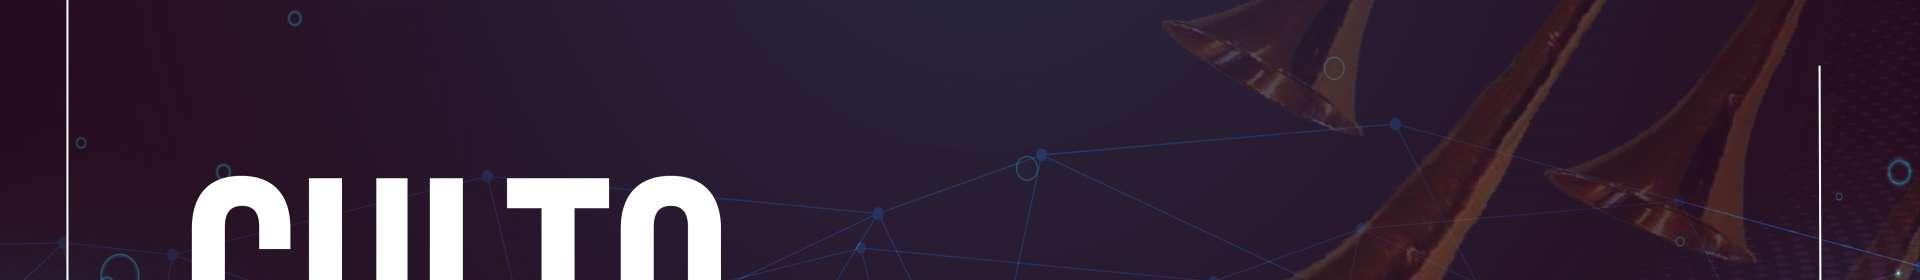 Culto via satélite exibido em 25/02/2020